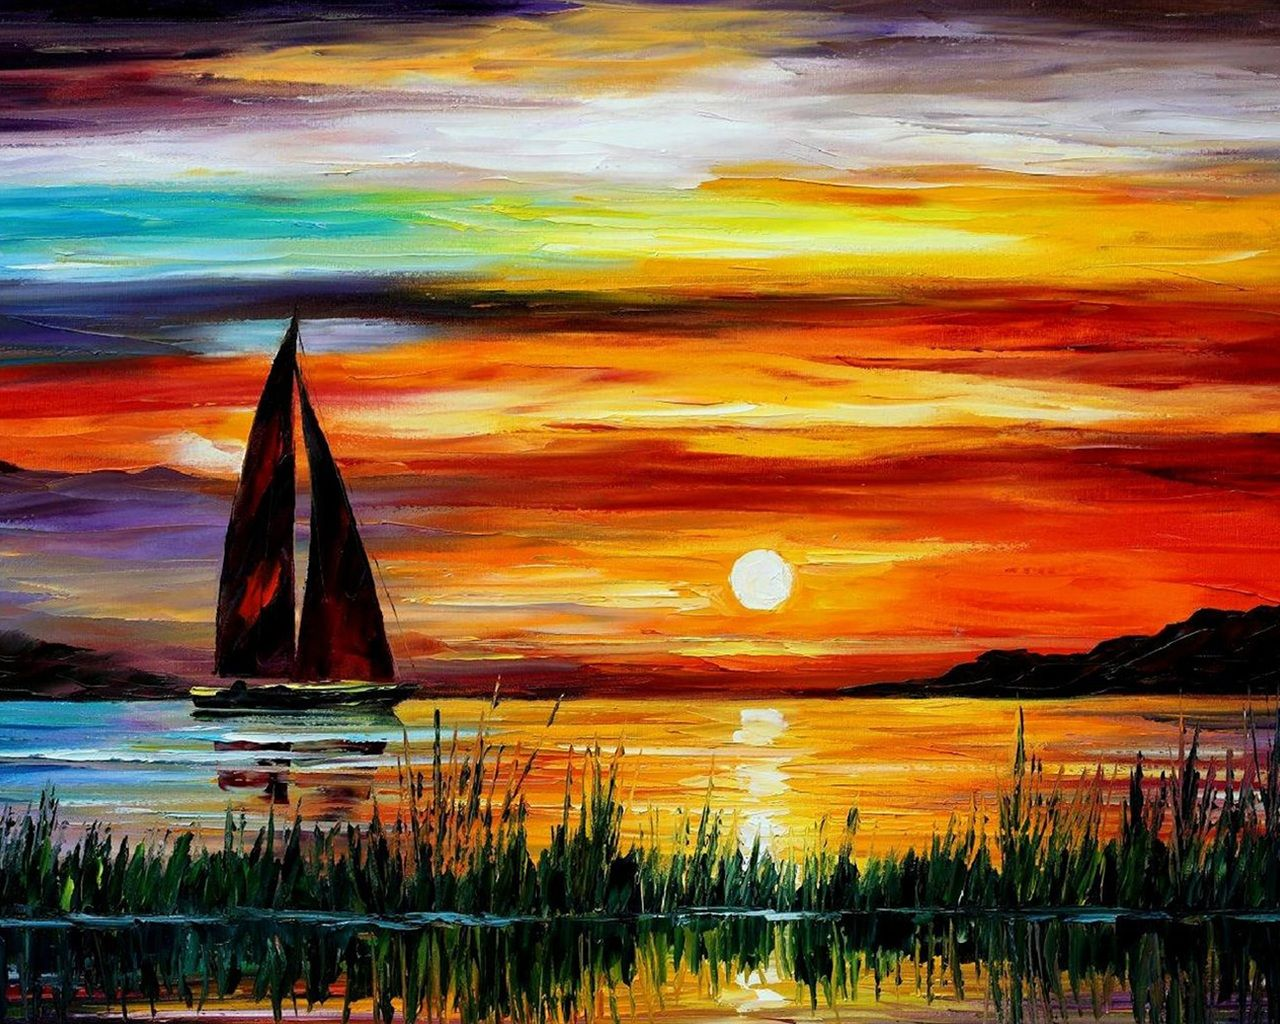 Exquise peinture coucher de soleil mer bateau fonds d - Fond ecran coucher de soleil sur la mer ...